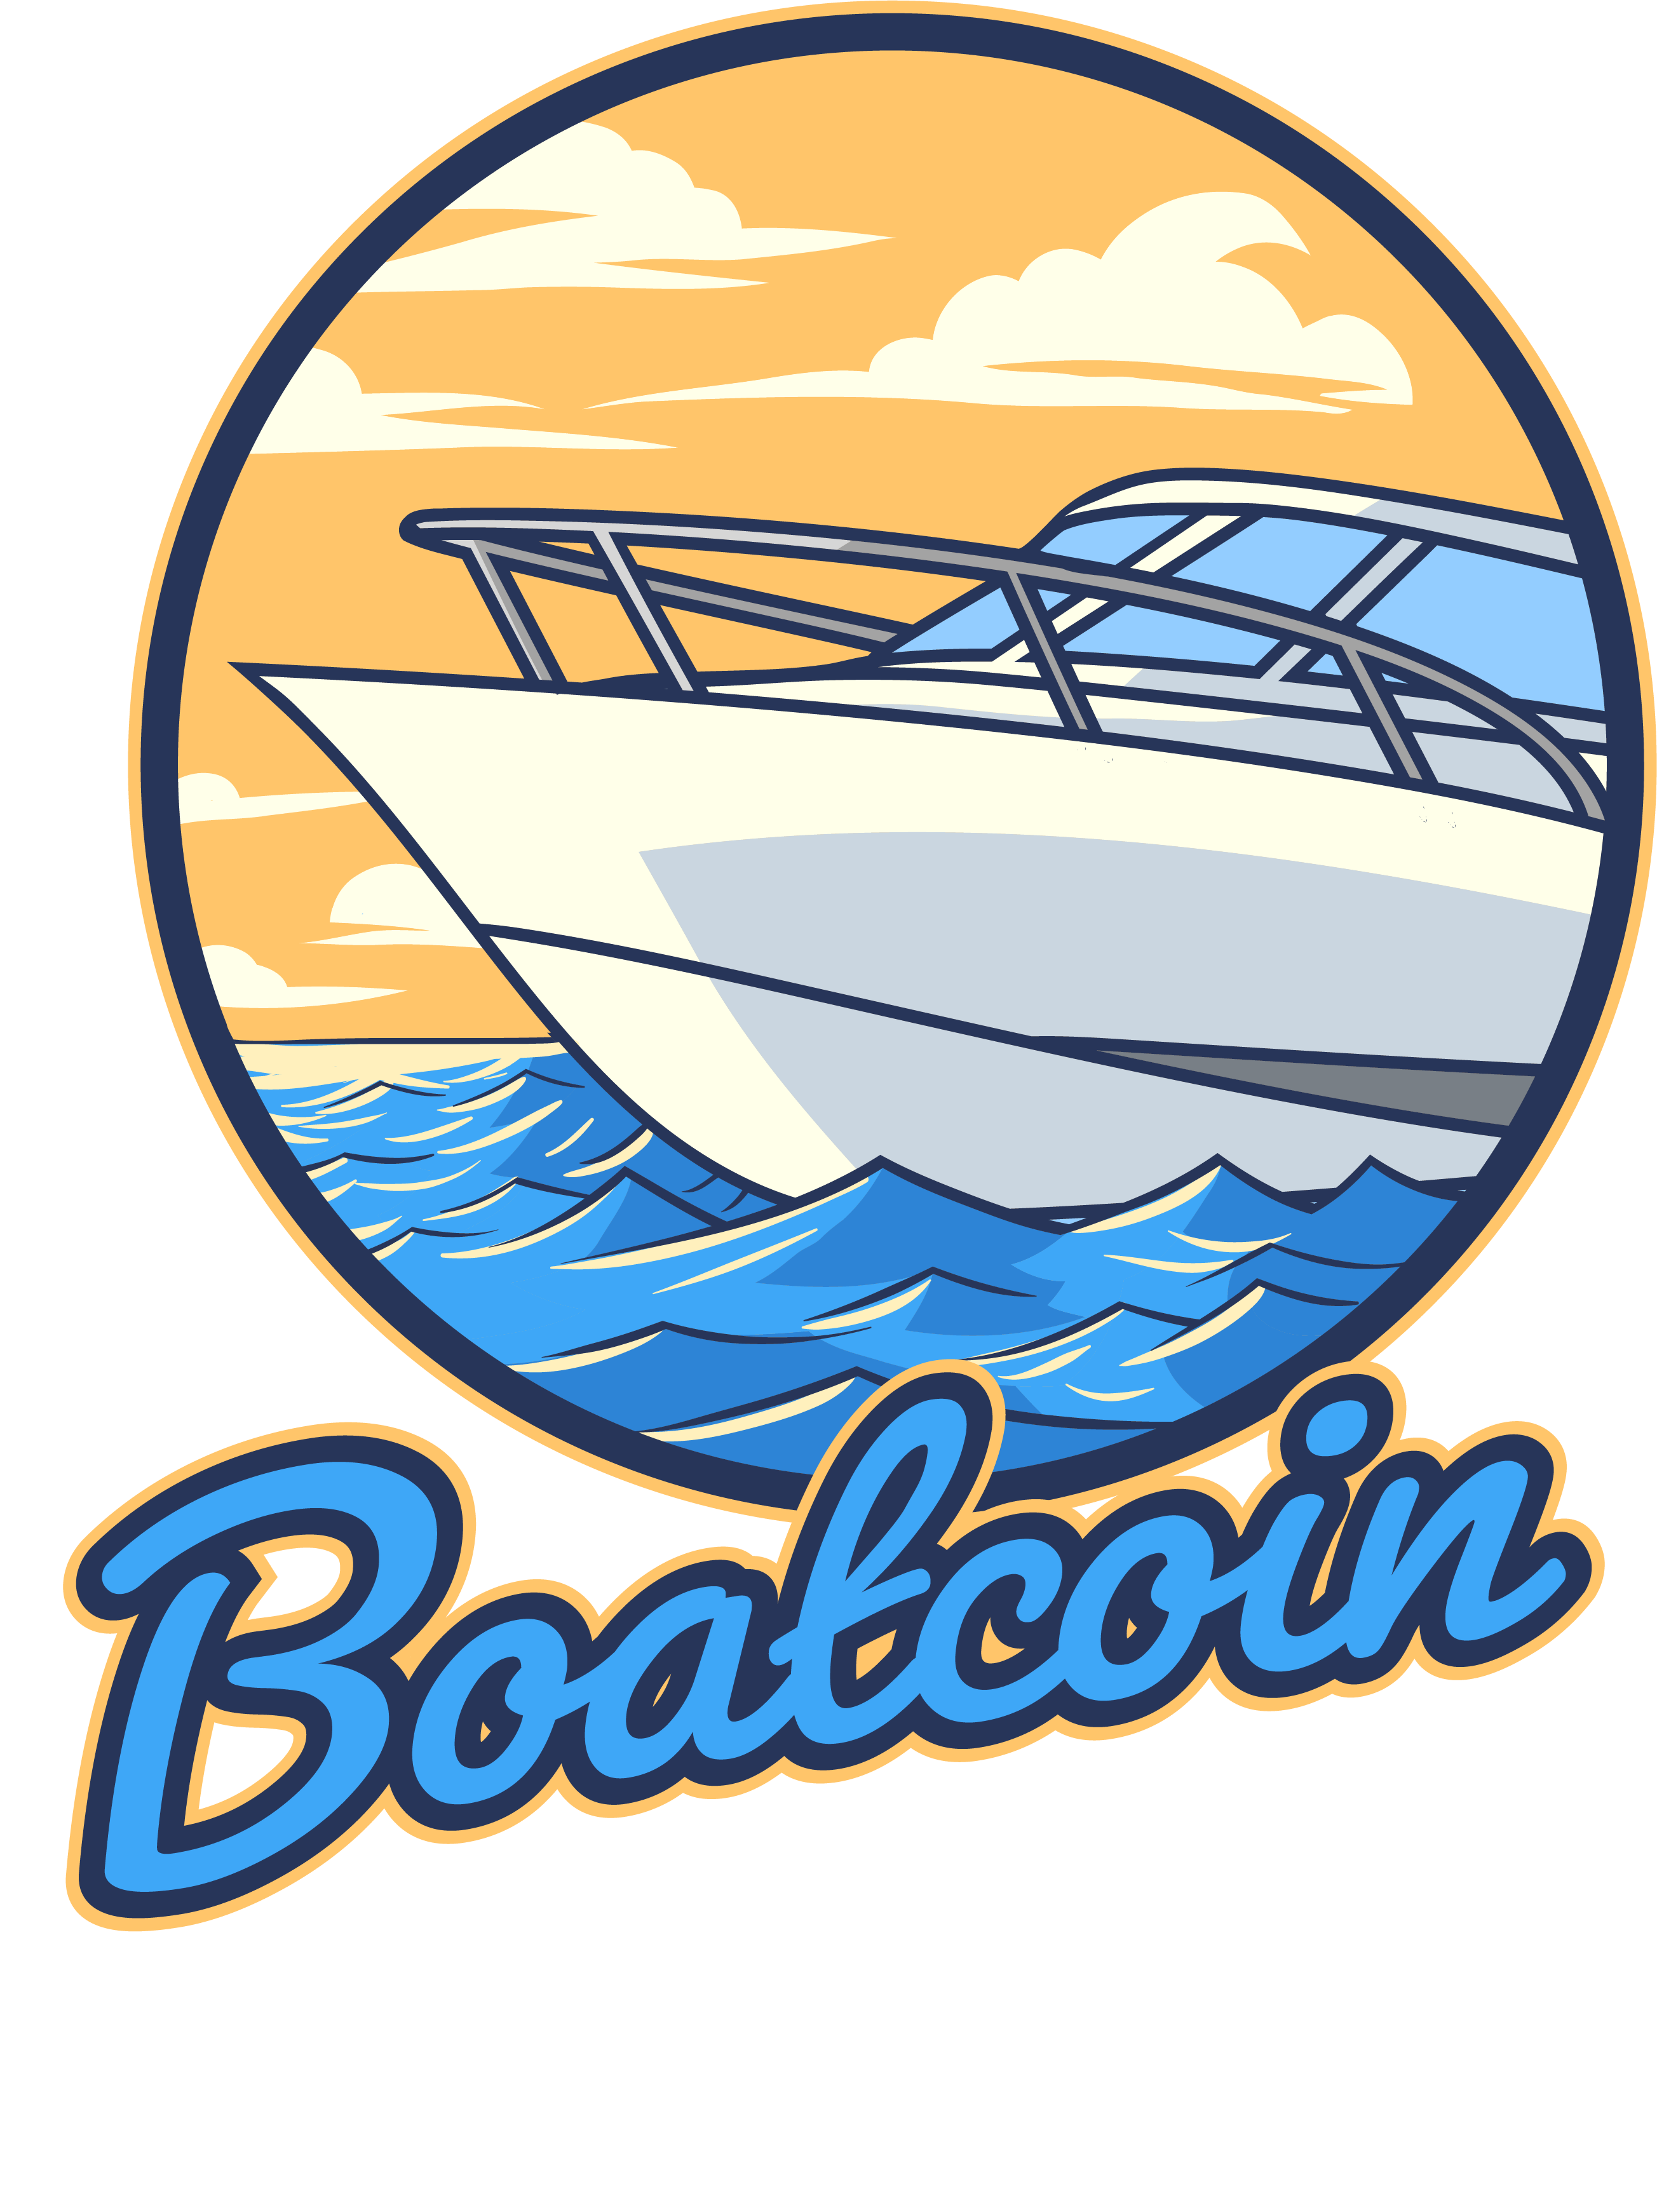 Boatcoin